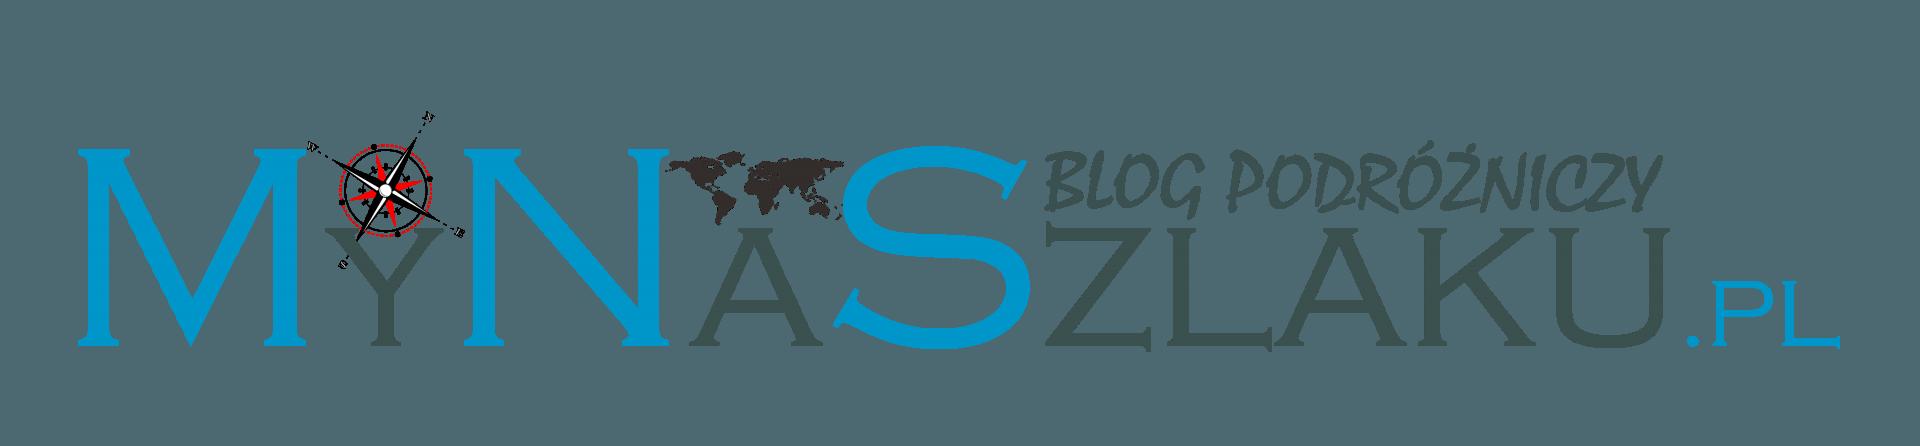 www.MyNaSzlaku.pl - Blog podróżniczy